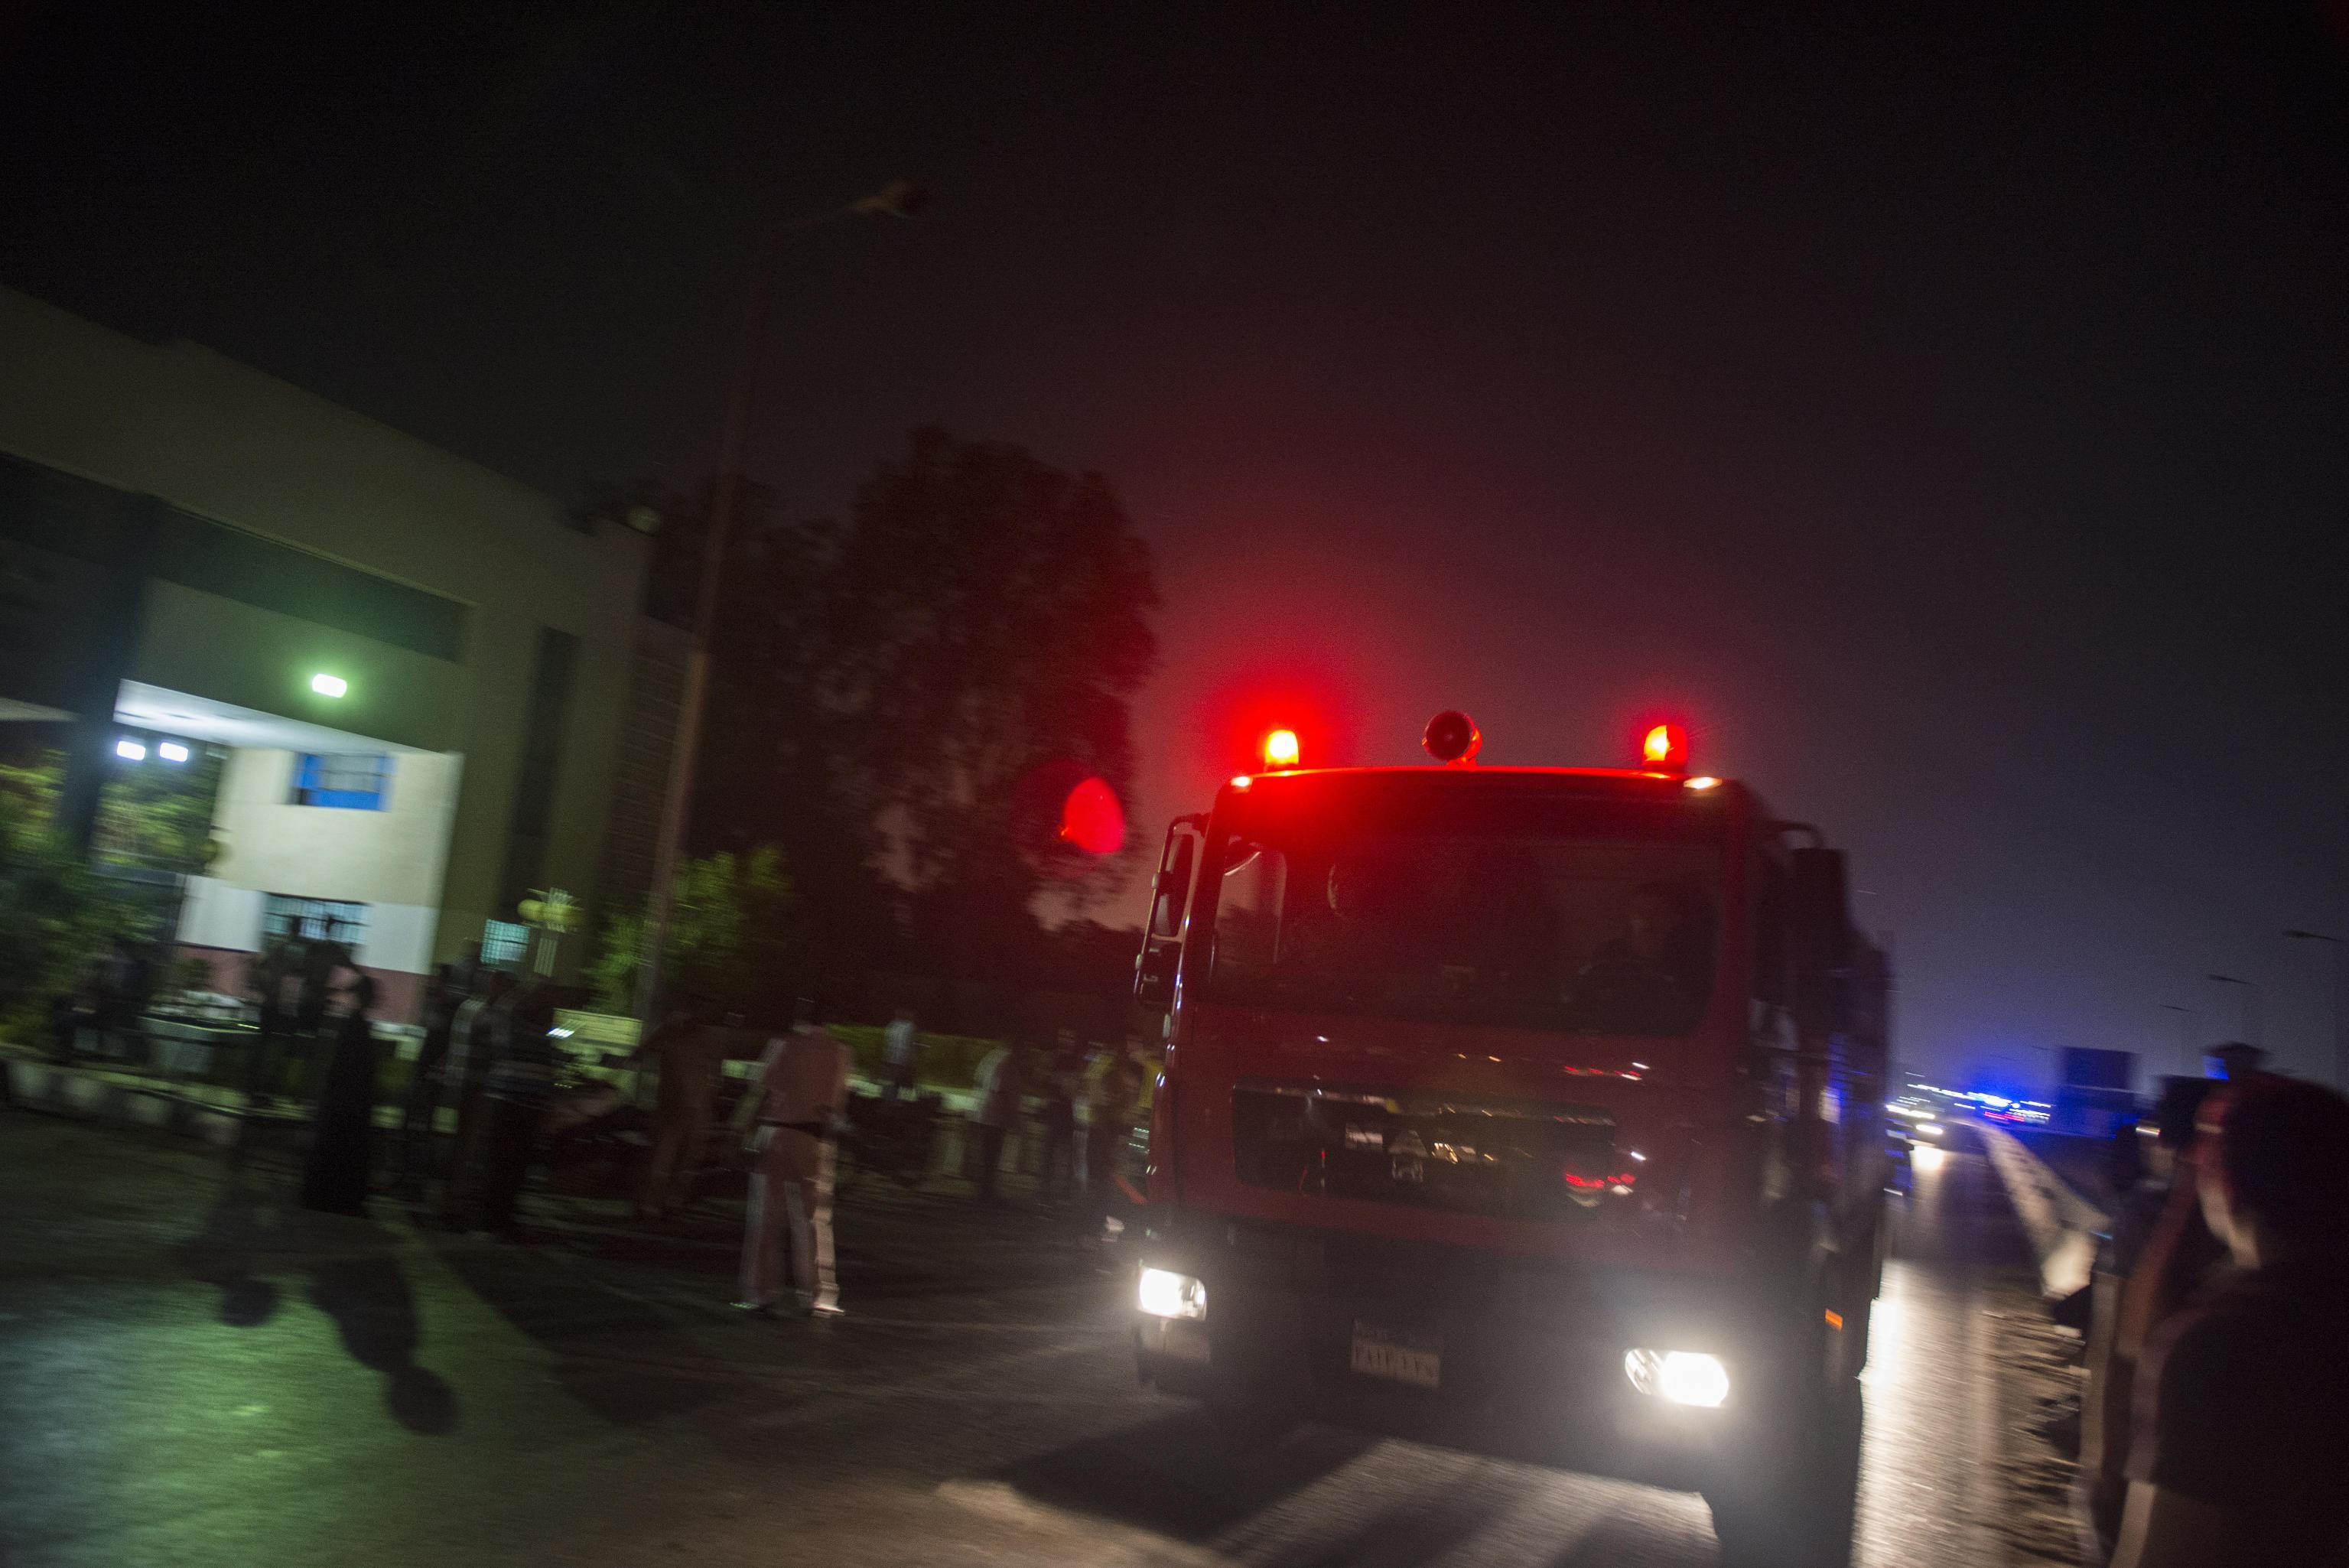 Il Cairo, maxi esplosione vicino all'aeroporto: fiamme, feriti e voli bloccati per alcune ore